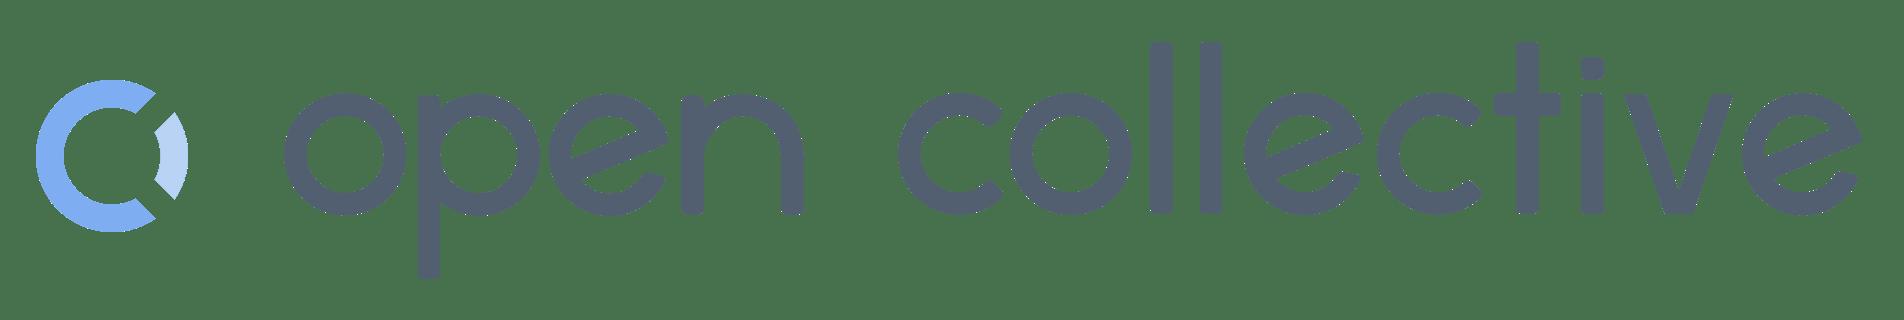 Open Collective company logo